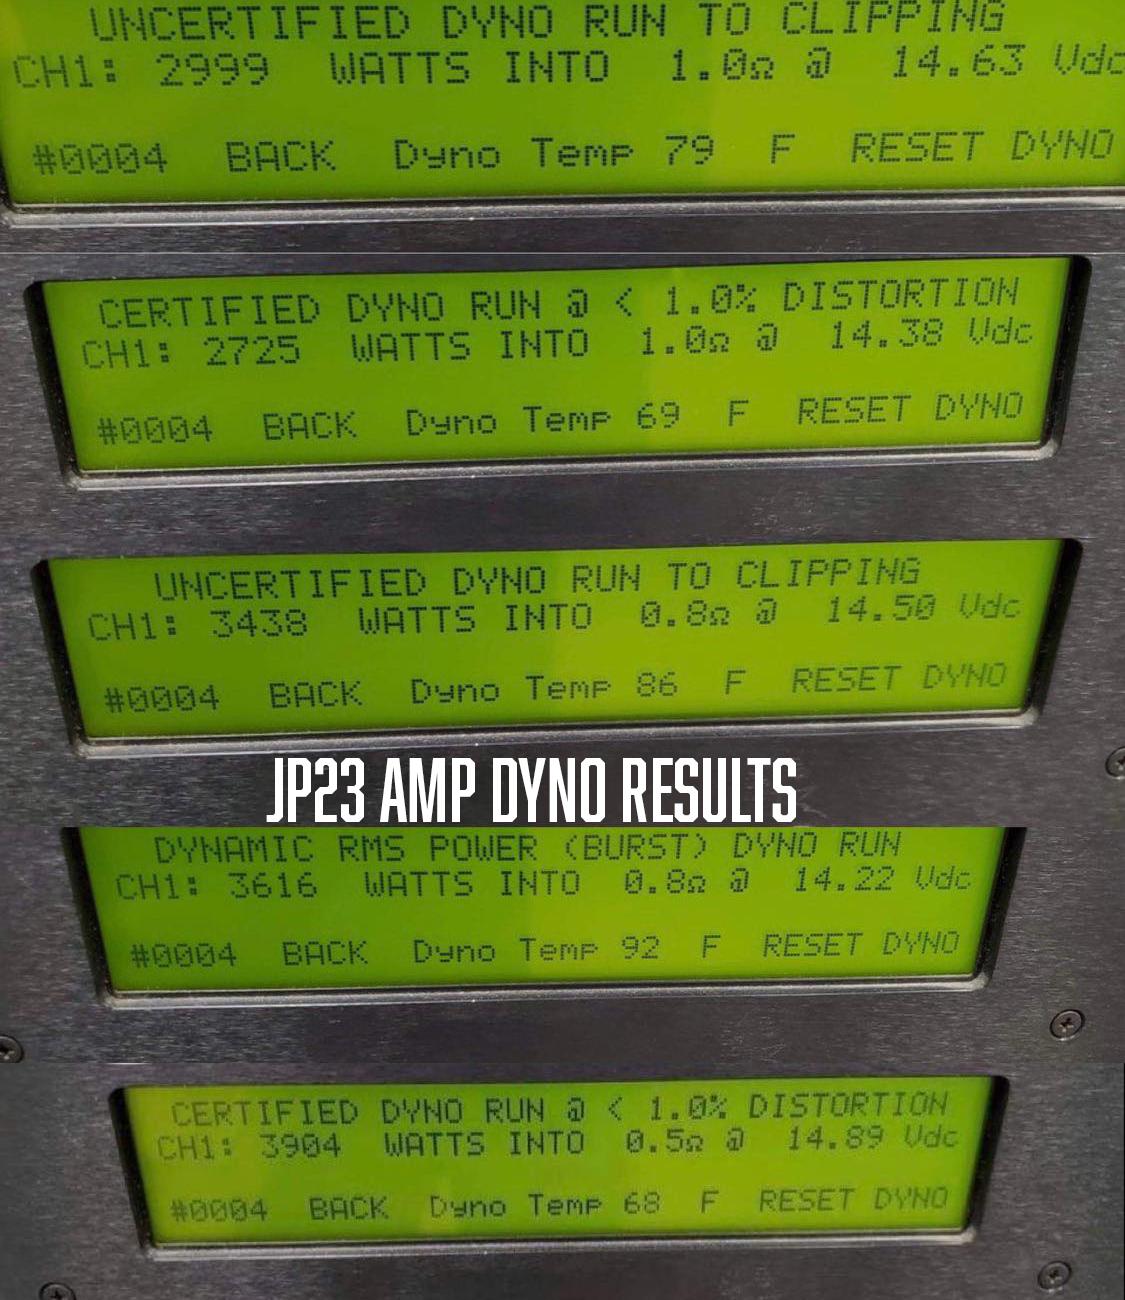 jp23-amp-dyno-rp-lp-2000-22-apex-cab.jpg